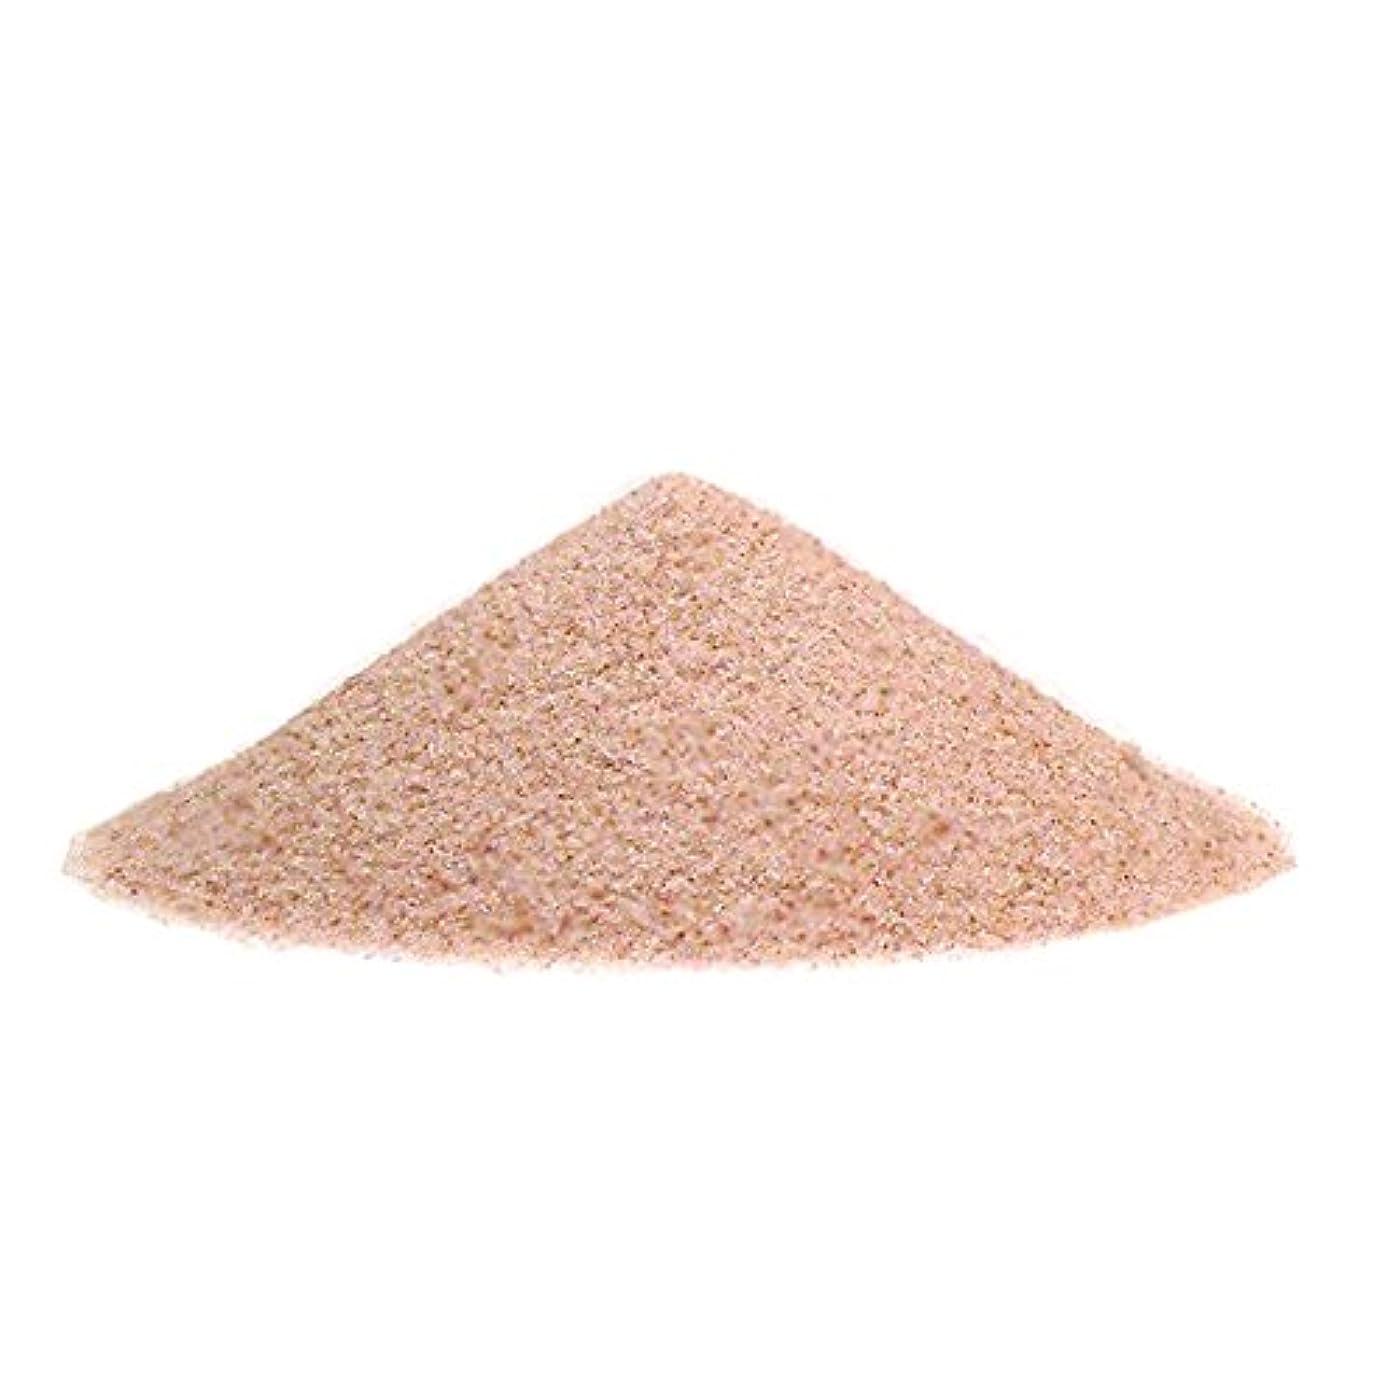 うめき正当化するライオンヒマラヤ岩塩 ピンクソルト 入浴用 バスソルト(微粒パウダー)3kg ピンク岩塩